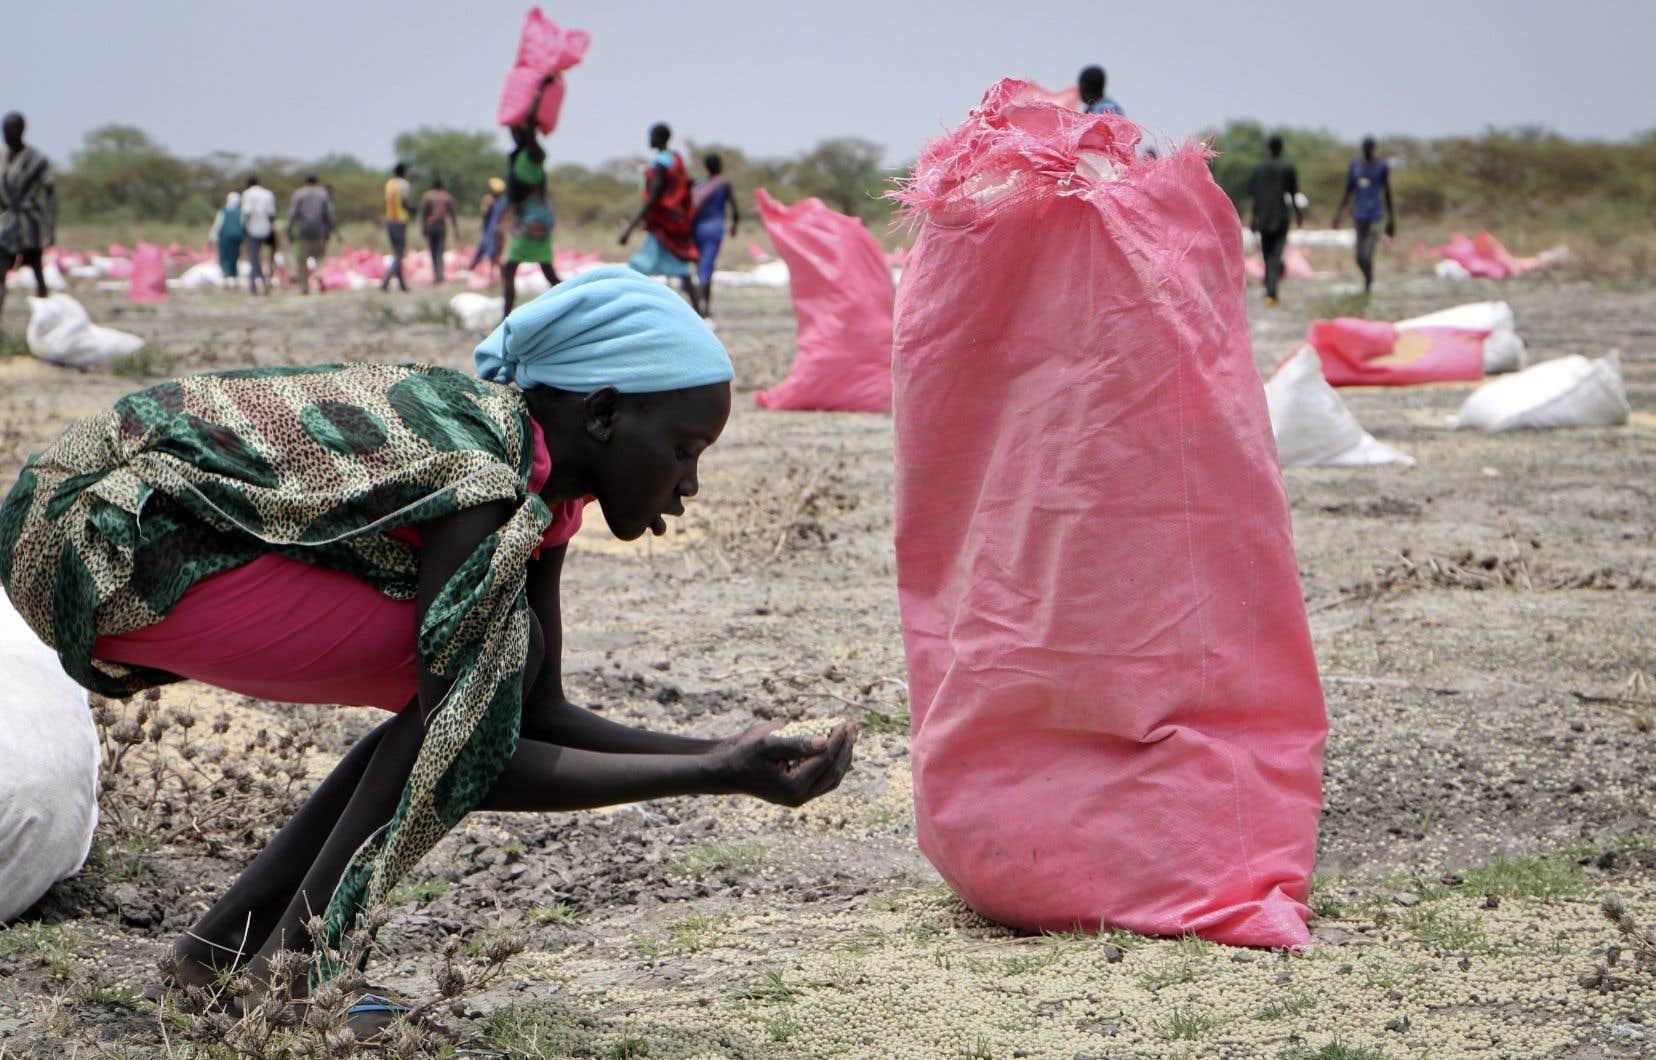 Une femme ramasse des grains de sorgo tombés au sol après un ravitaillement aérien de nourriture effectué par le Programme alimentaire mondial (PAM) dans la ville de Kandak, au Sud-Soudan.